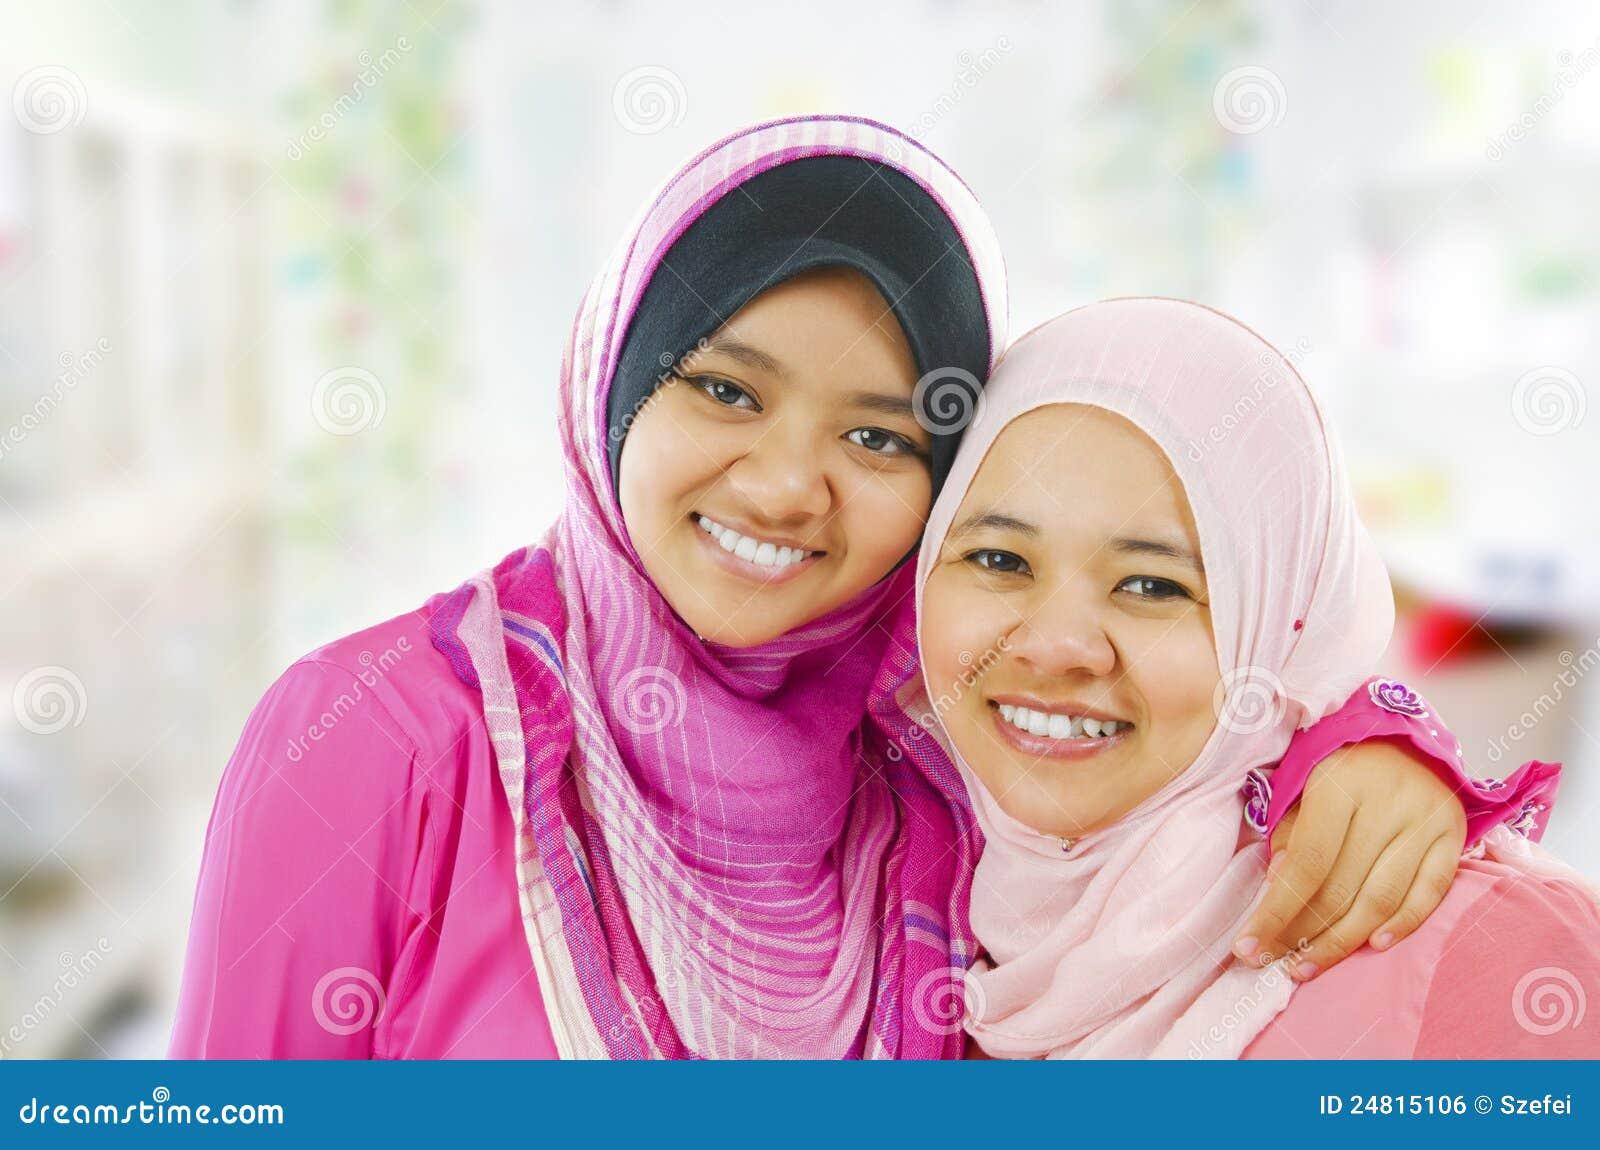 Happy Muslim women